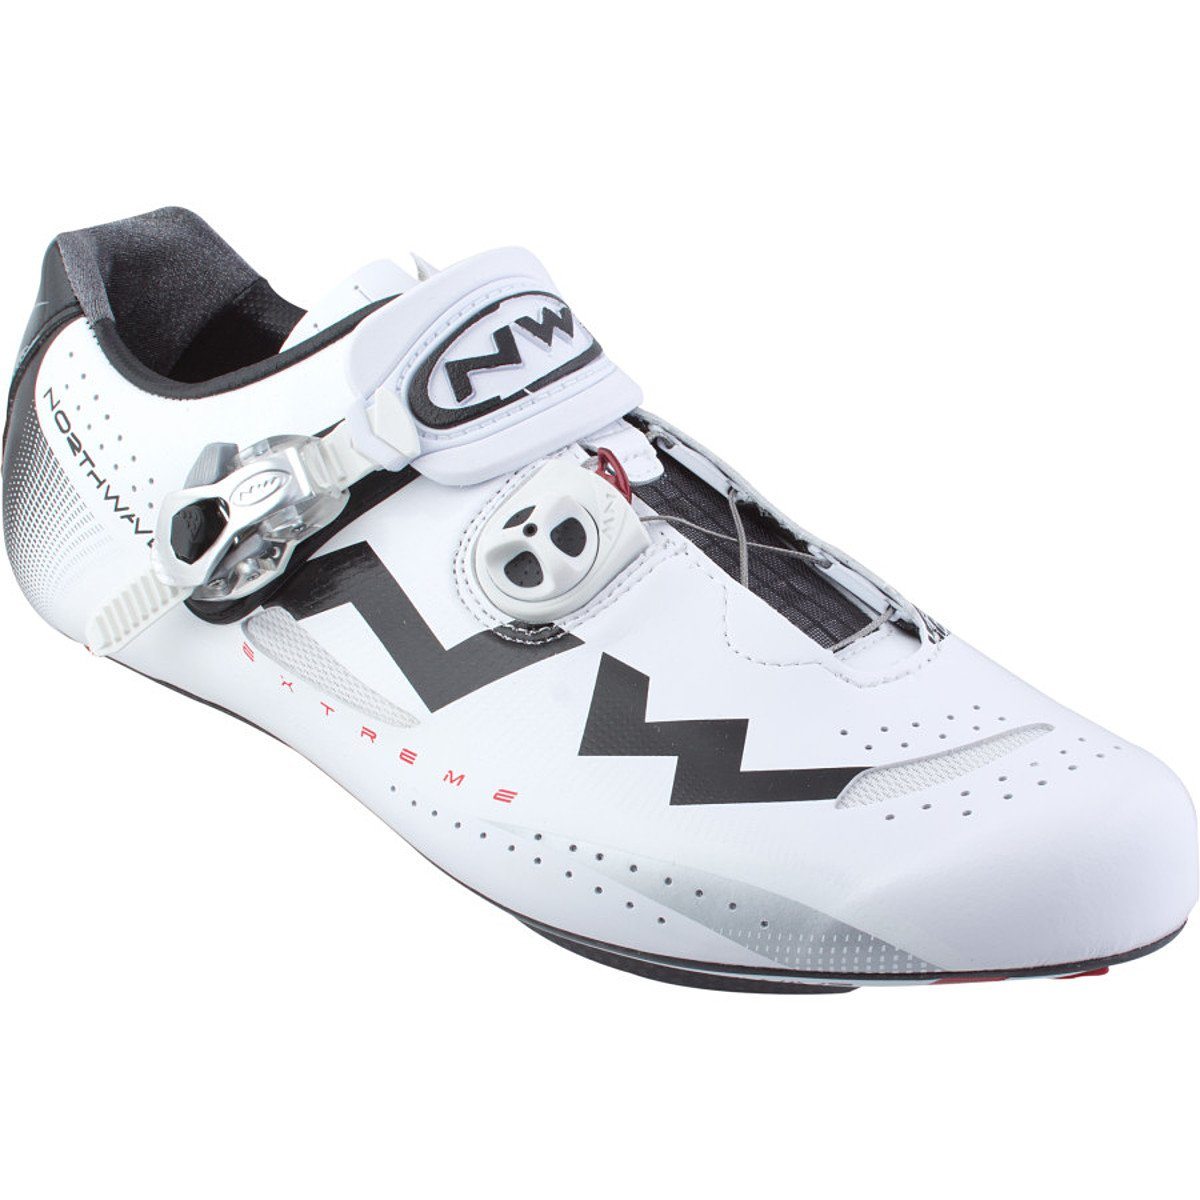 Northwave 80121001-51 - Zapatillas de Ciclismo